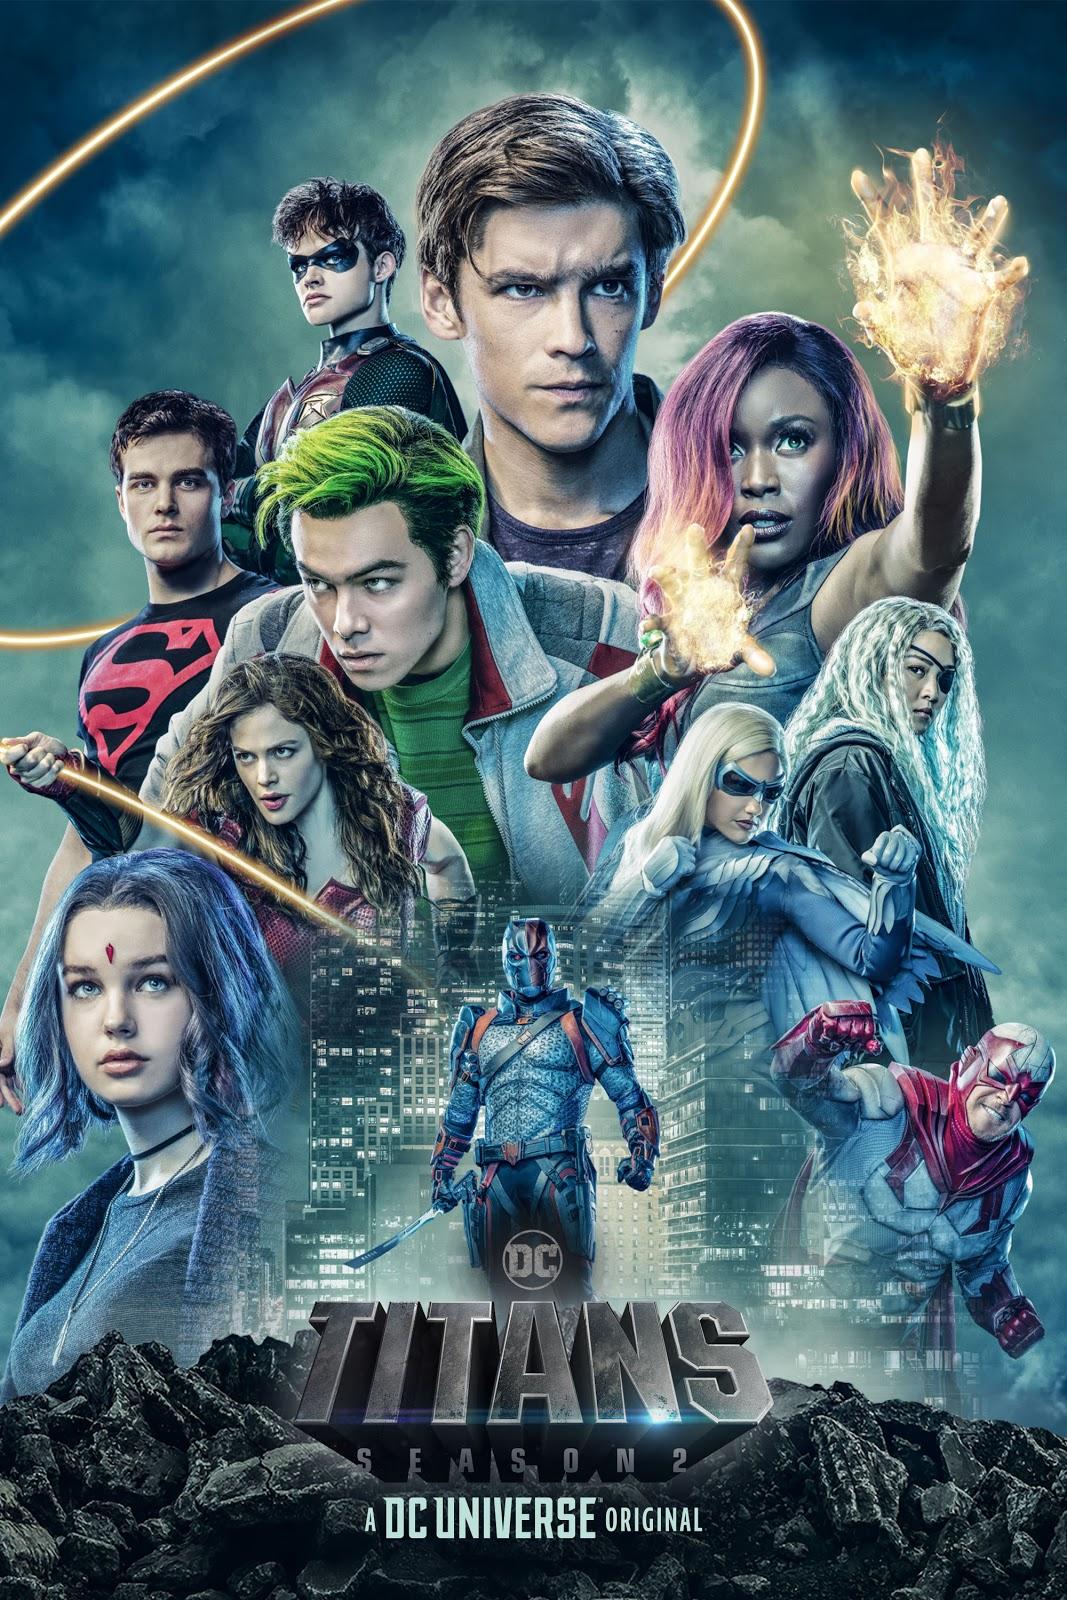 DC Universe Titans season 2 poster